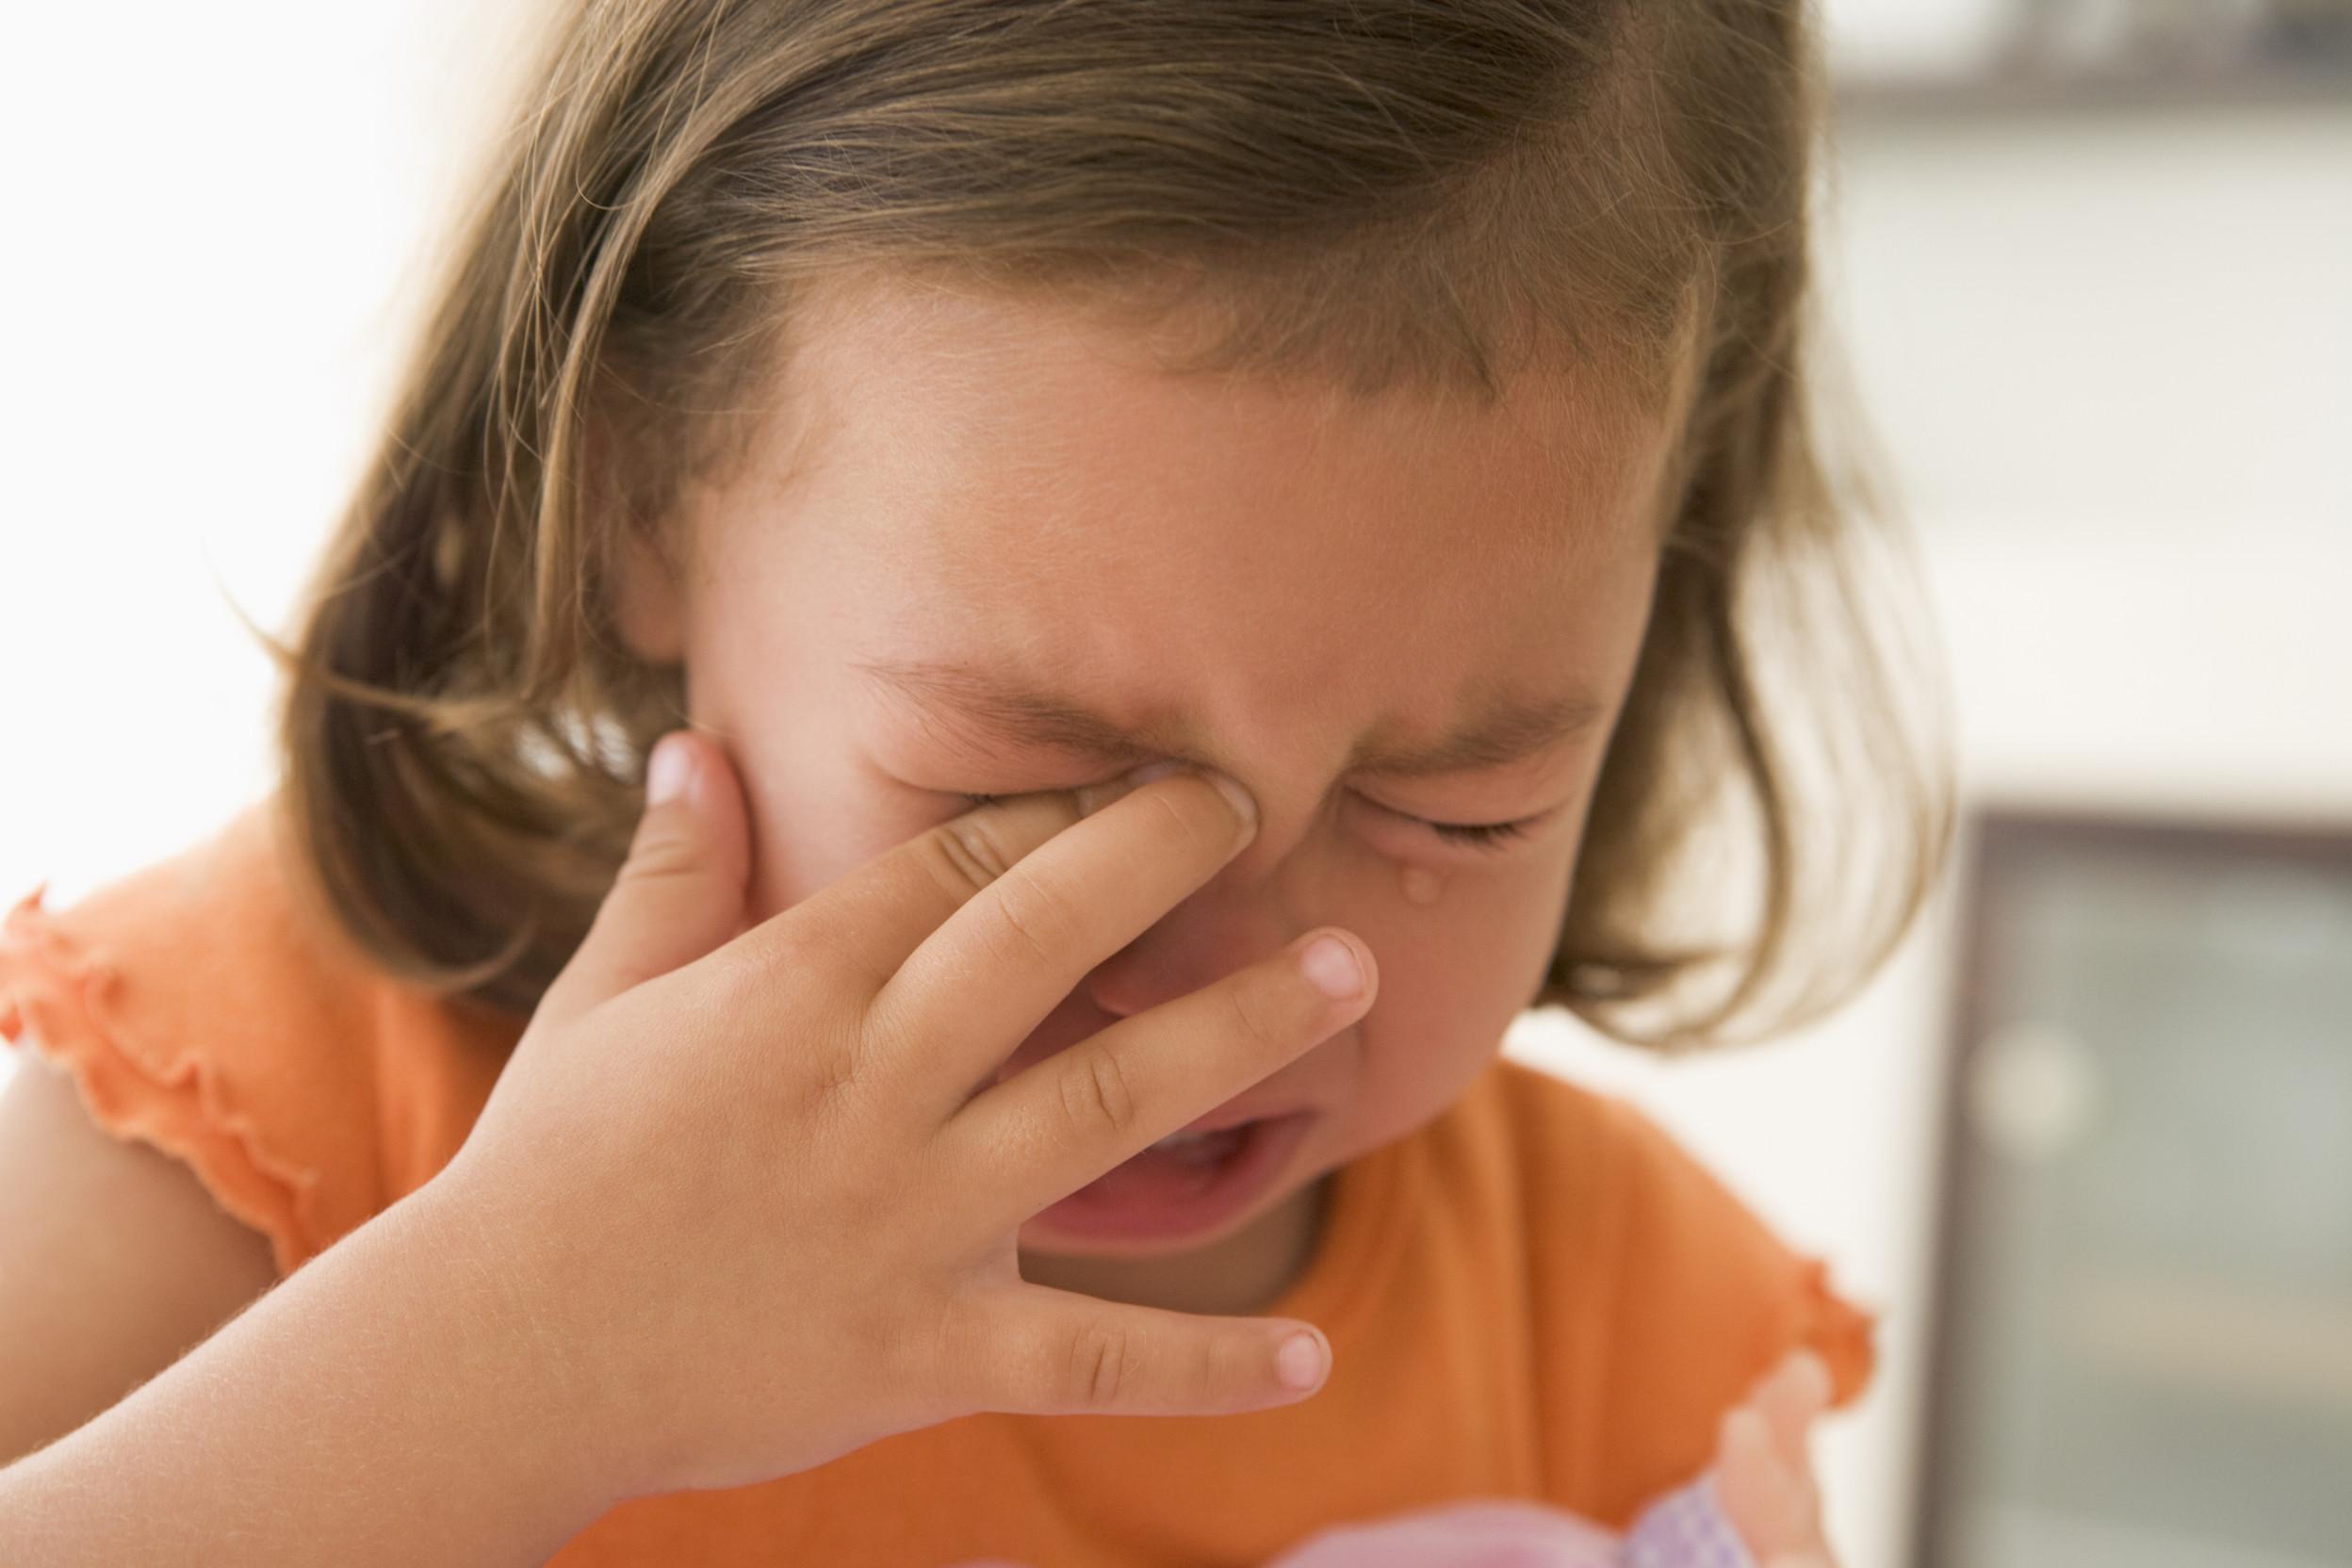 女童哭泣示意圖(圖/達志/示意圖)